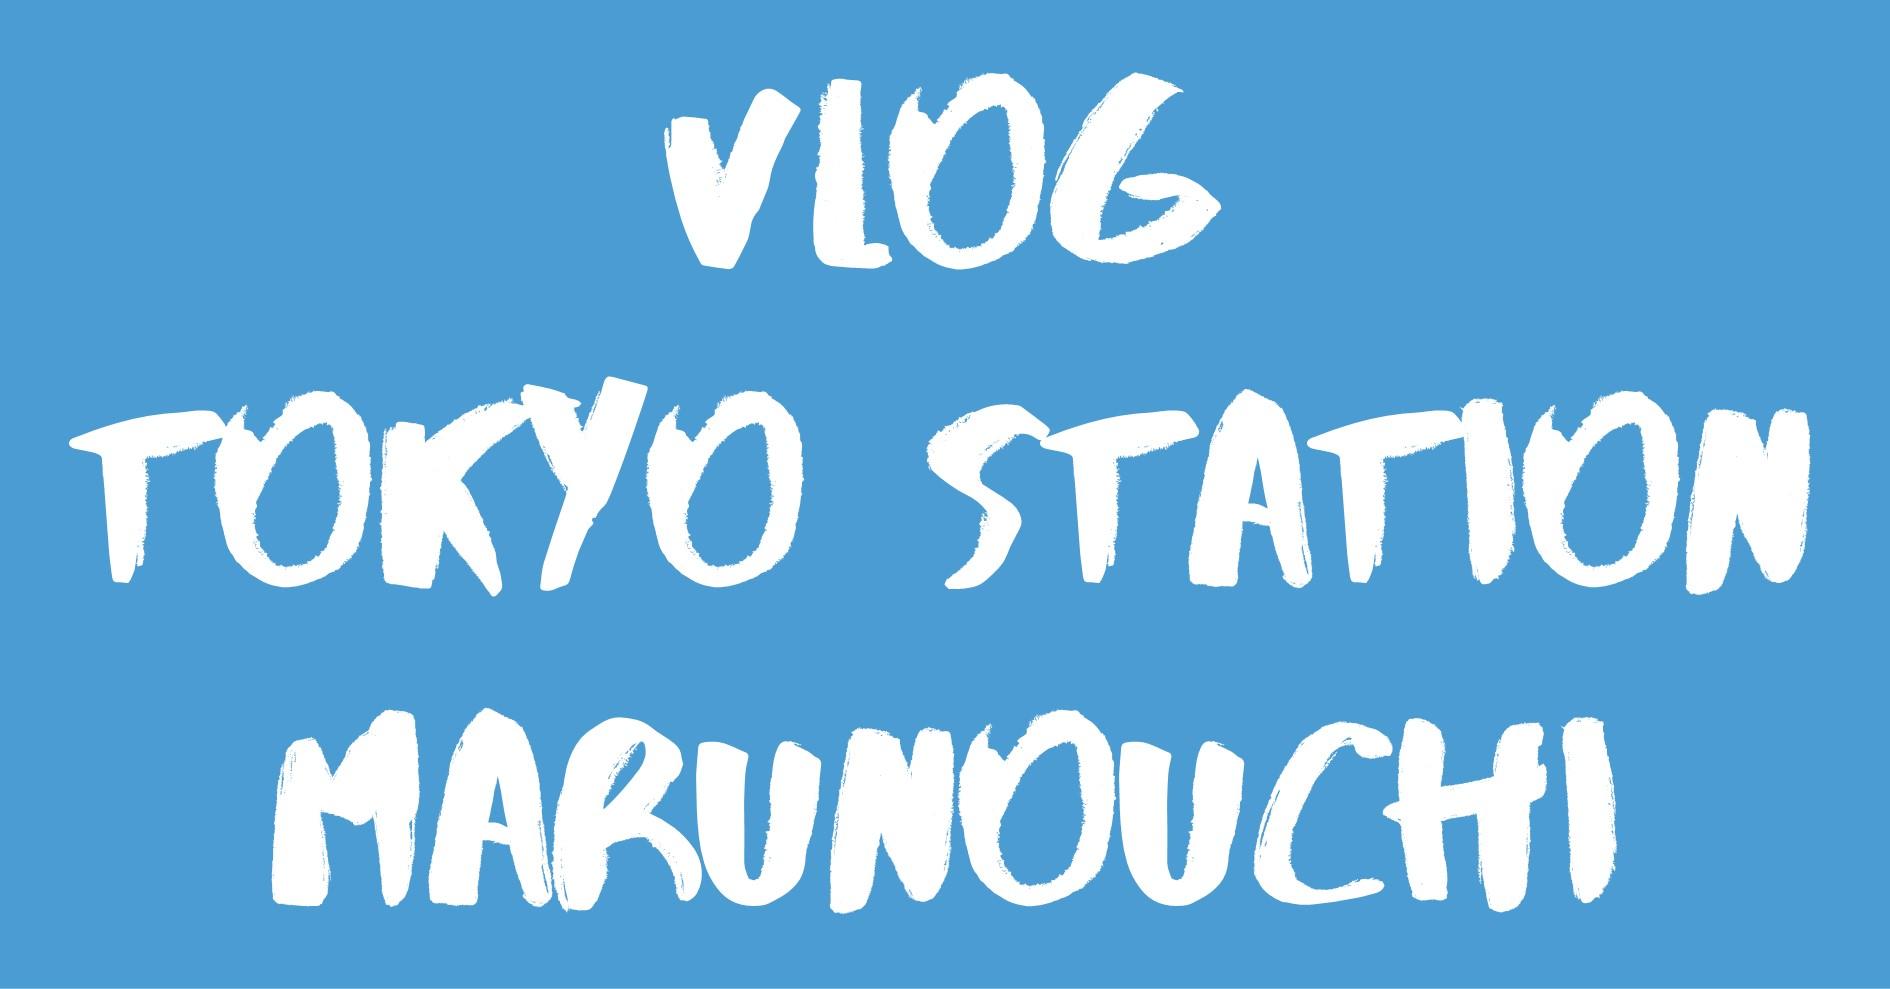 [Vlog] 東京駅&丸の内 / Tokyo Station & Marunouchi